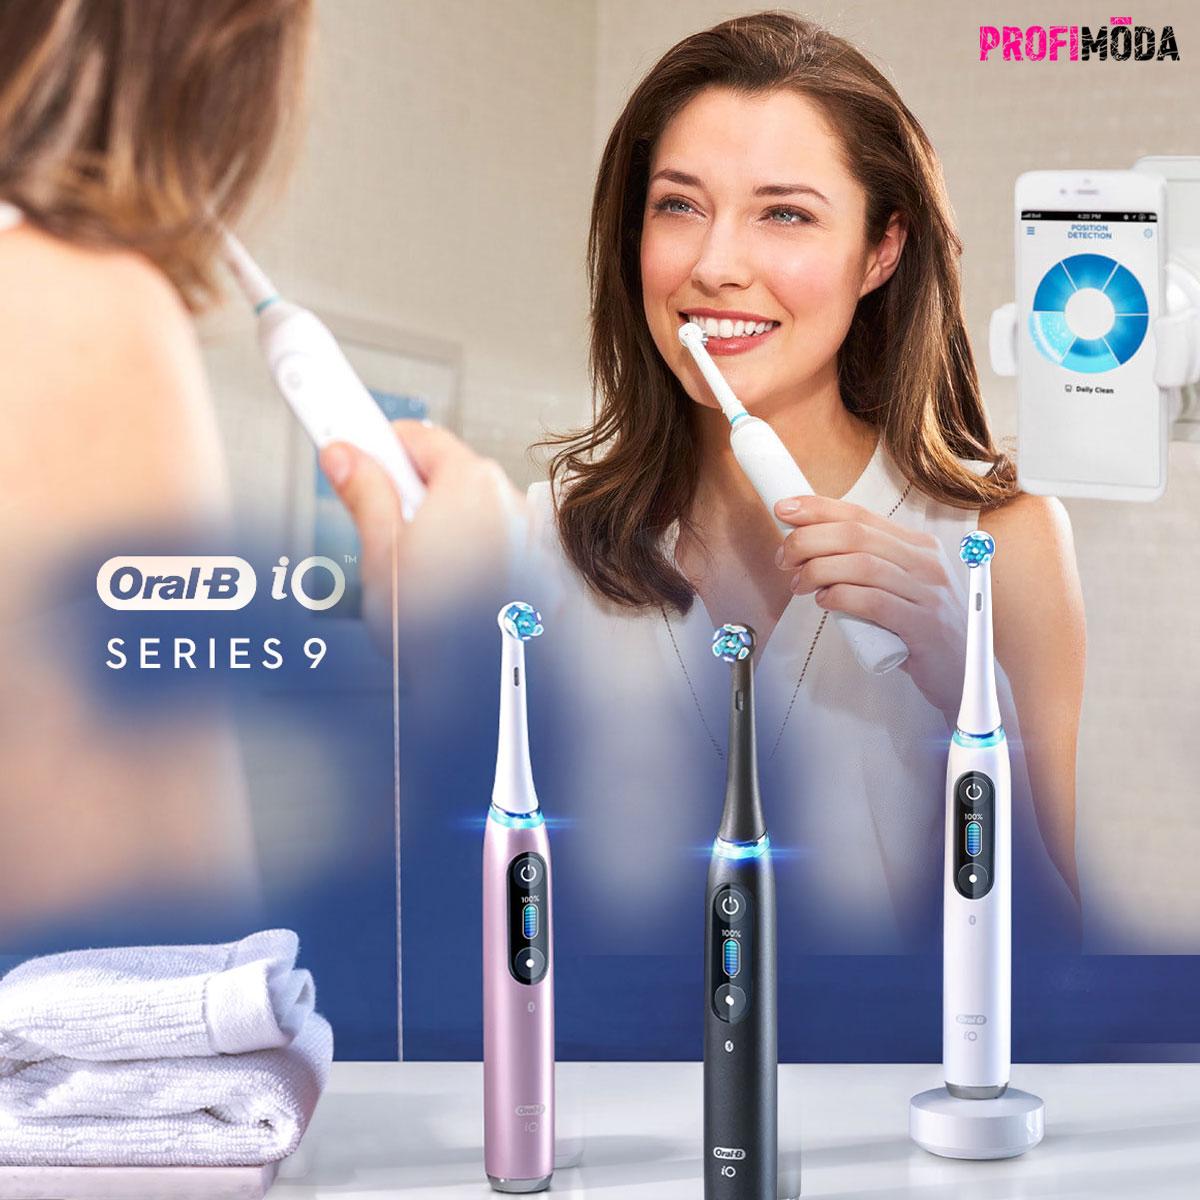 Elektrické kartáčky nabízí mnohem pečlivější čištění zubů než ruční kartáčky.